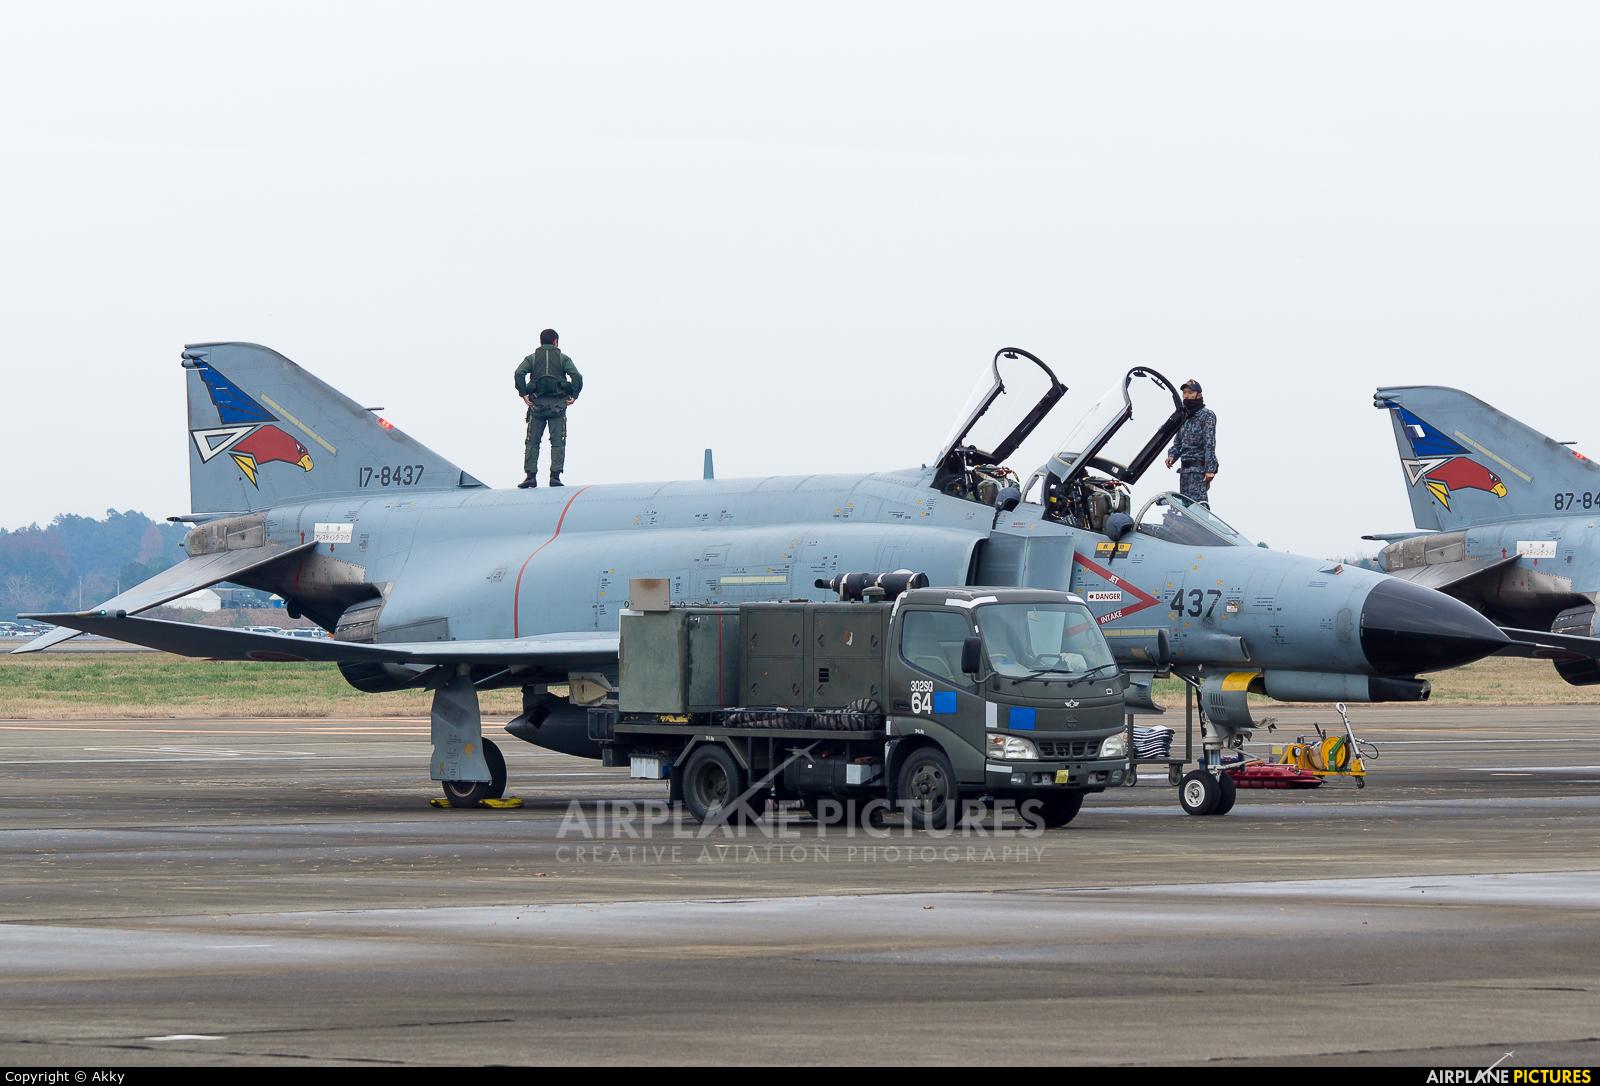 Japan - Air Self Defence Force 17-8473 aircraft at Ibaraki - Hyakuri AB